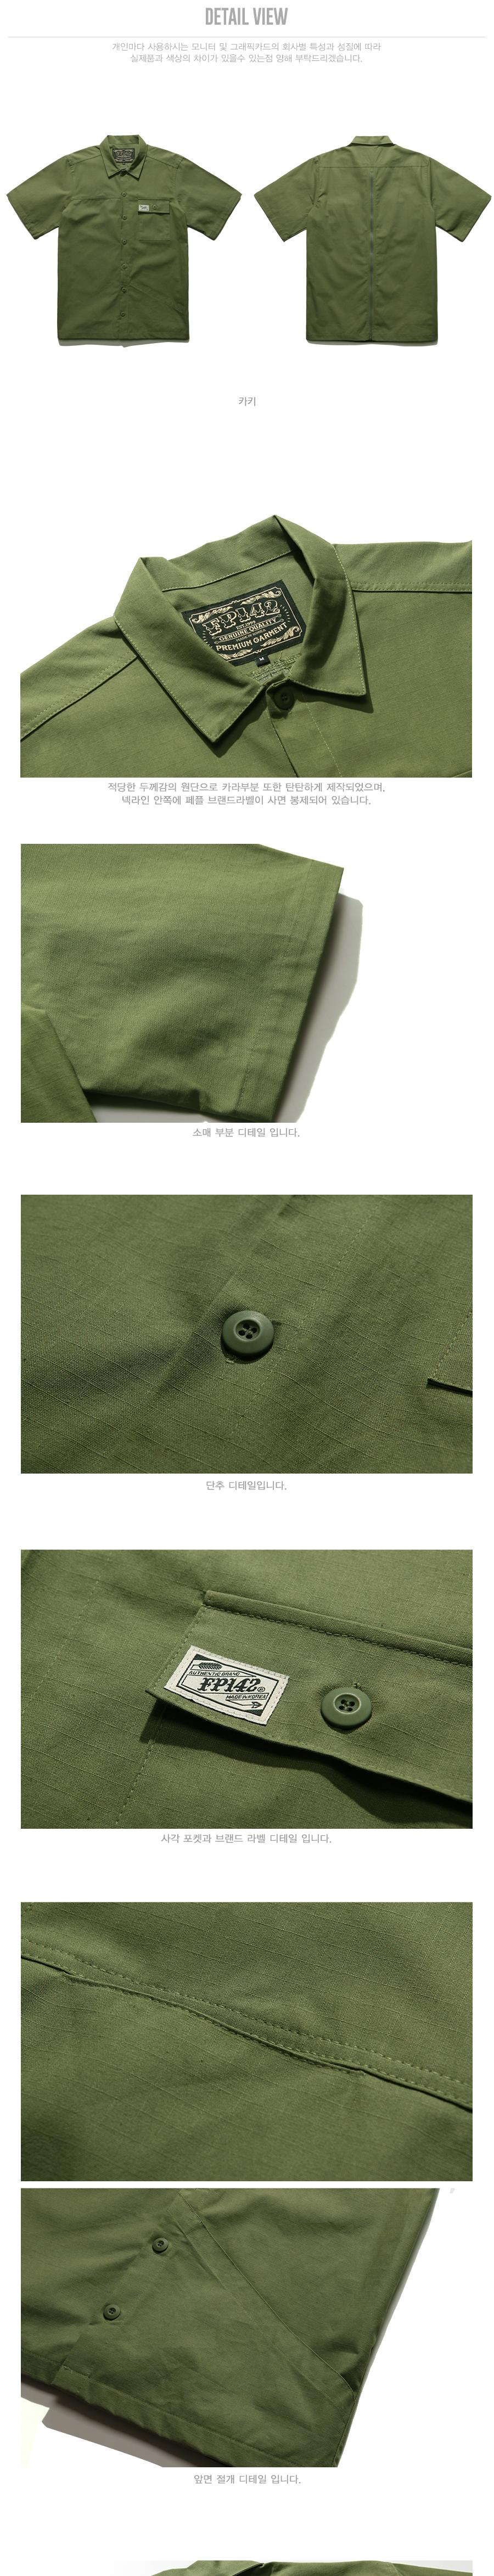 20180508_fp_pocketmix_shirts_khaki_yr_01.jpg